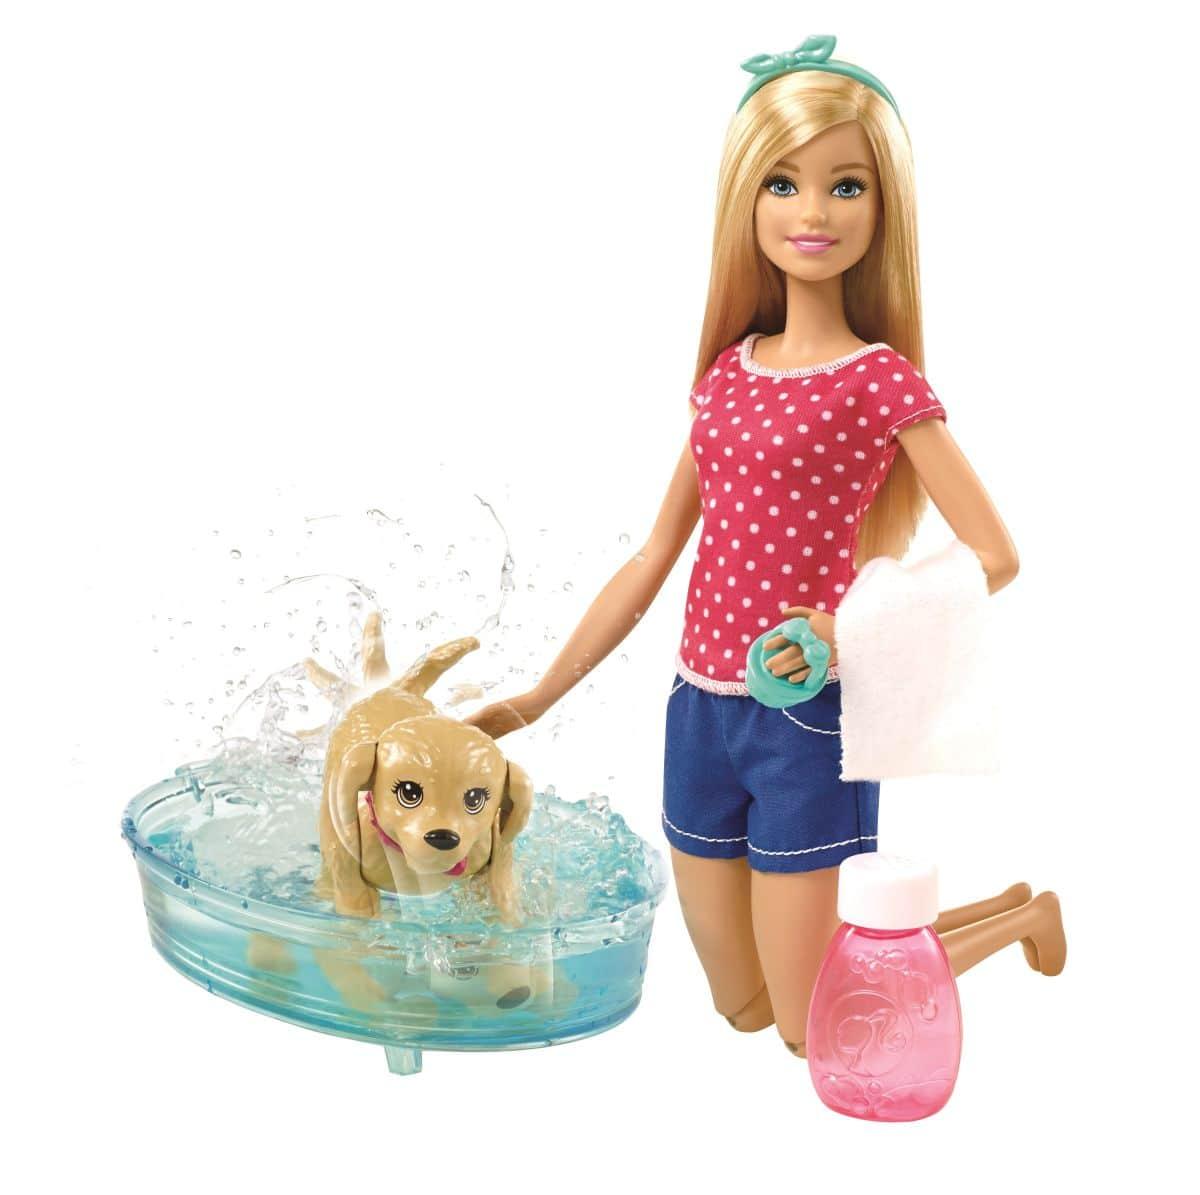 barbie hundebad 1 puppe mit hund und badezubeh r g nstig. Black Bedroom Furniture Sets. Home Design Ideas